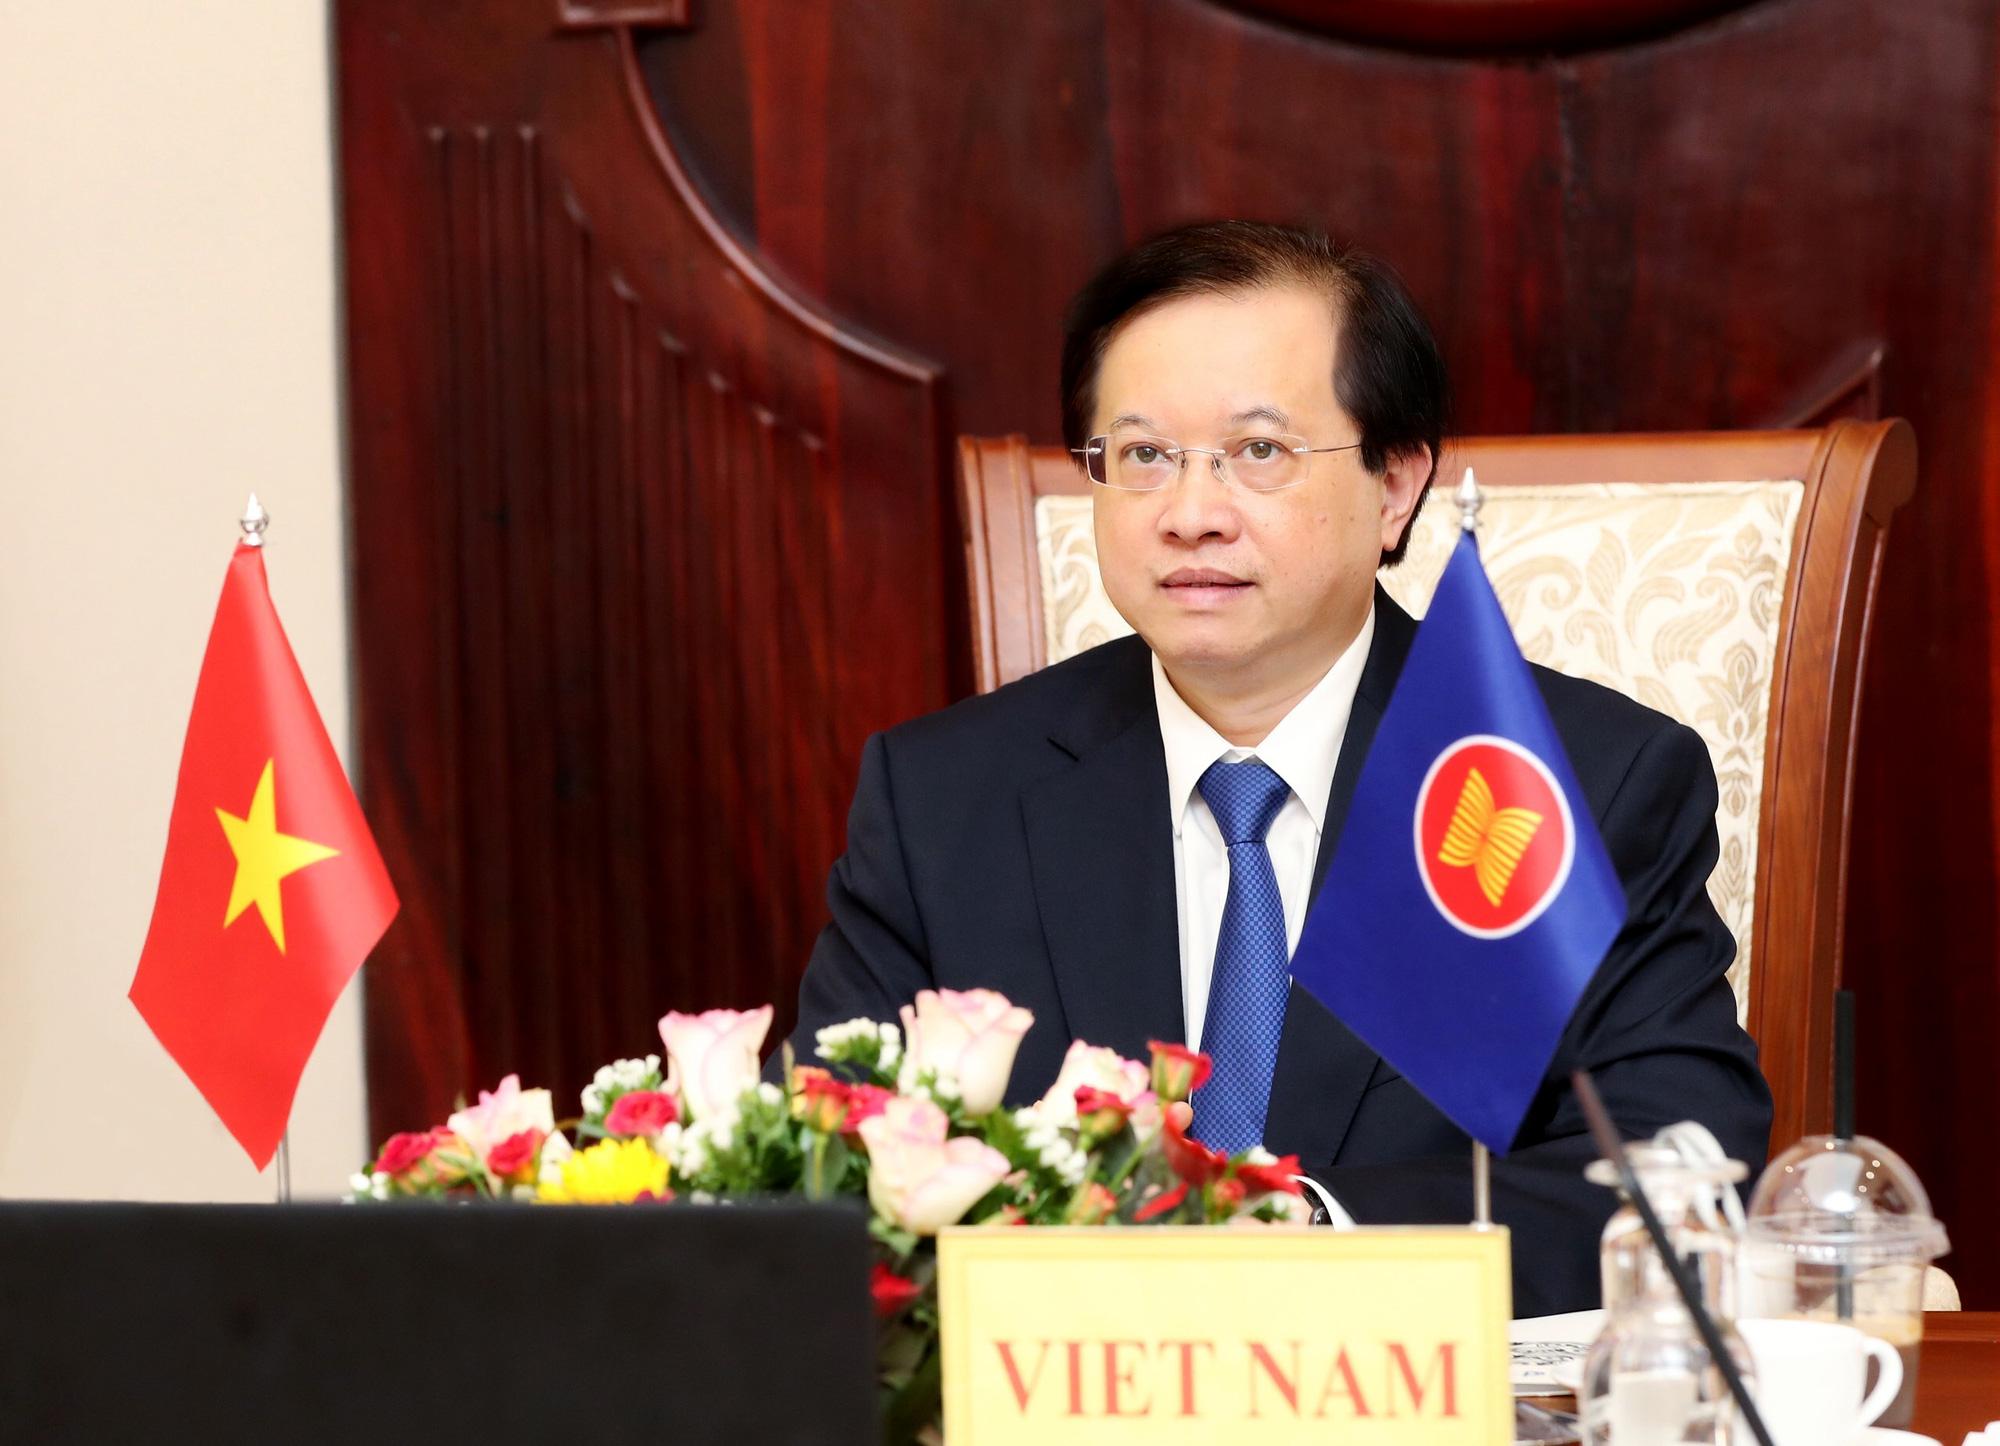 Hội nghị Bộ trưởng phụ trách Văn hóa nghệ thuật ASEAN lần thứ 9 - Ảnh 3.